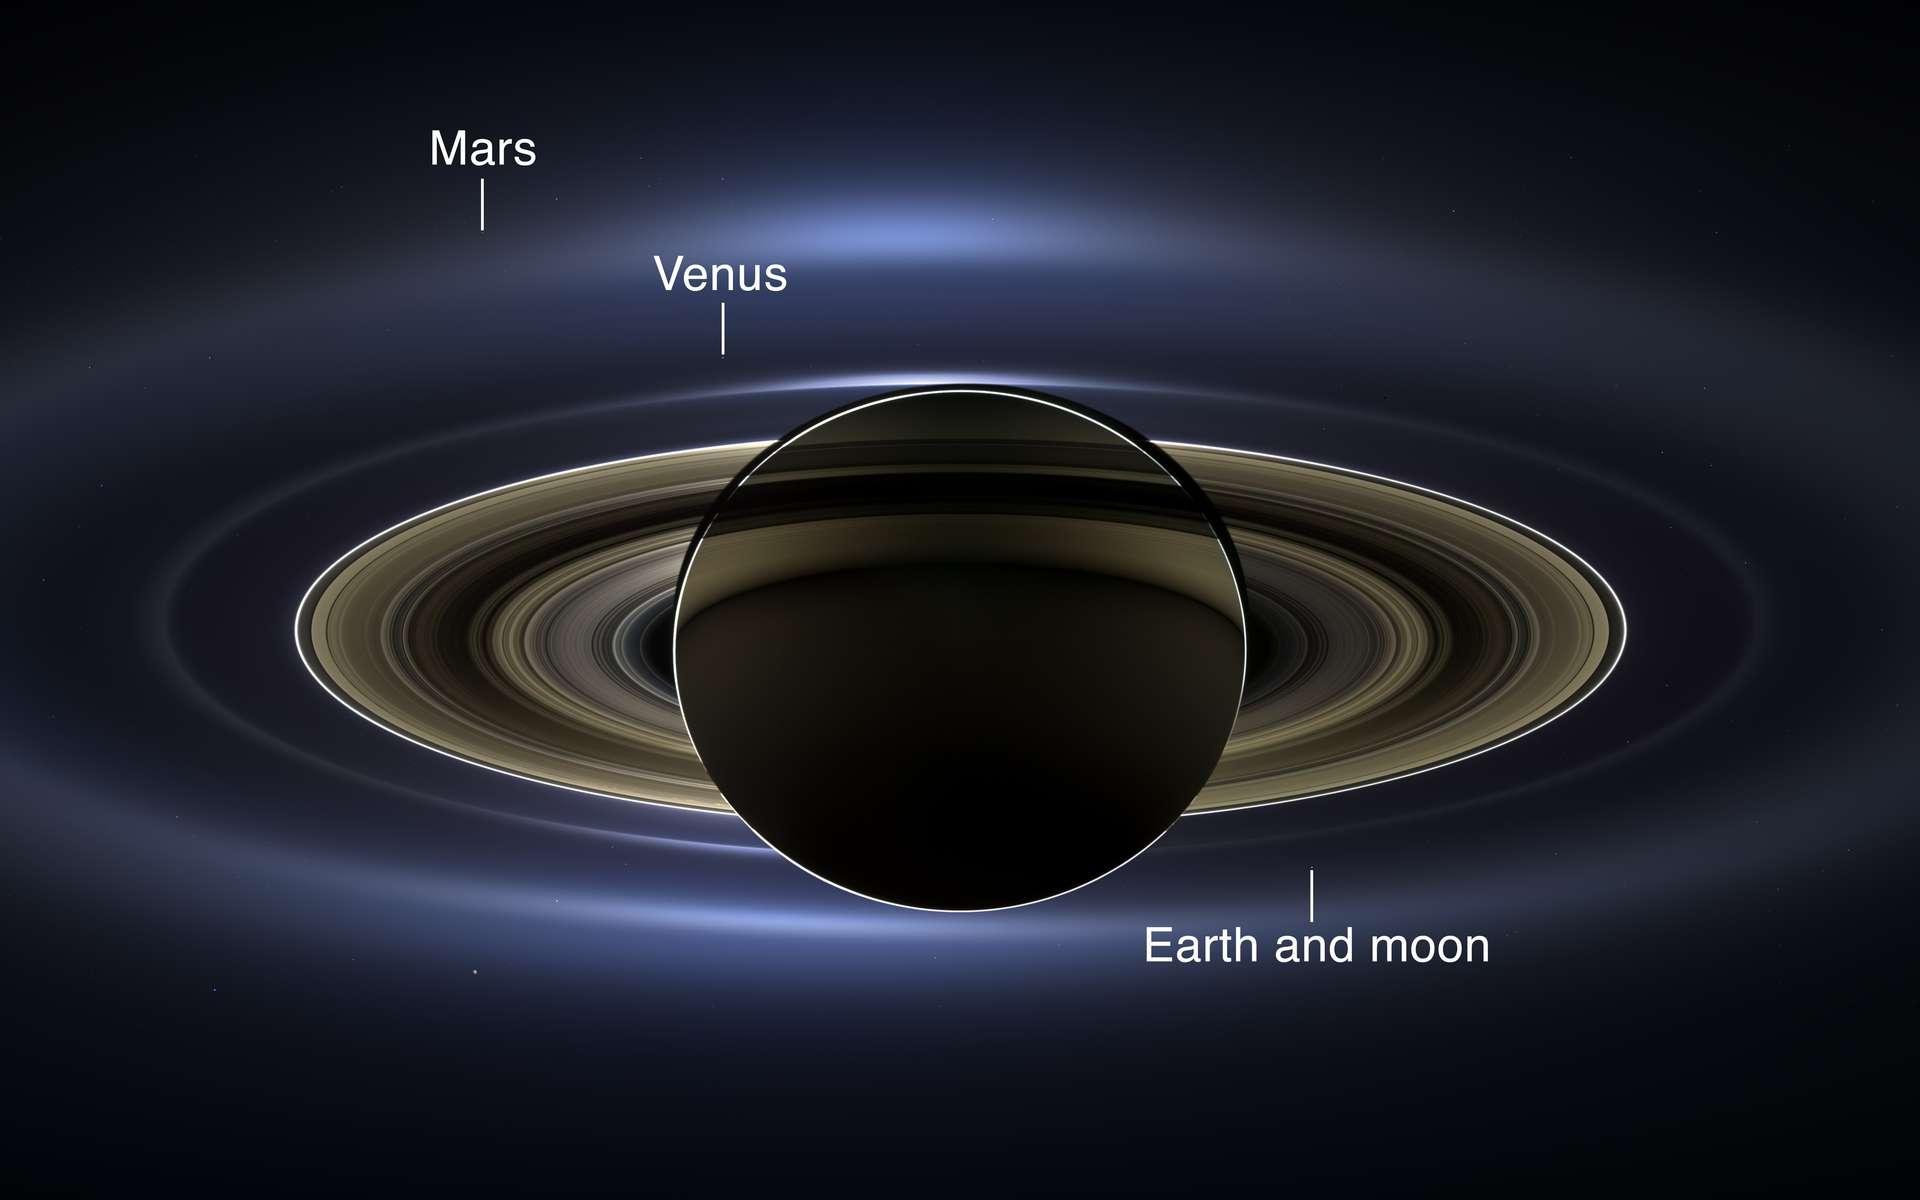 Une version sans renforcement des contrastes de la composition d'images saisies par la sonde Cassini au moment où elle est passée dans l'ombre de Saturne. Trois planètes telluriques sont repérables, dont la Terre (Earth). © Nasa, JPL-Caltech, SSI